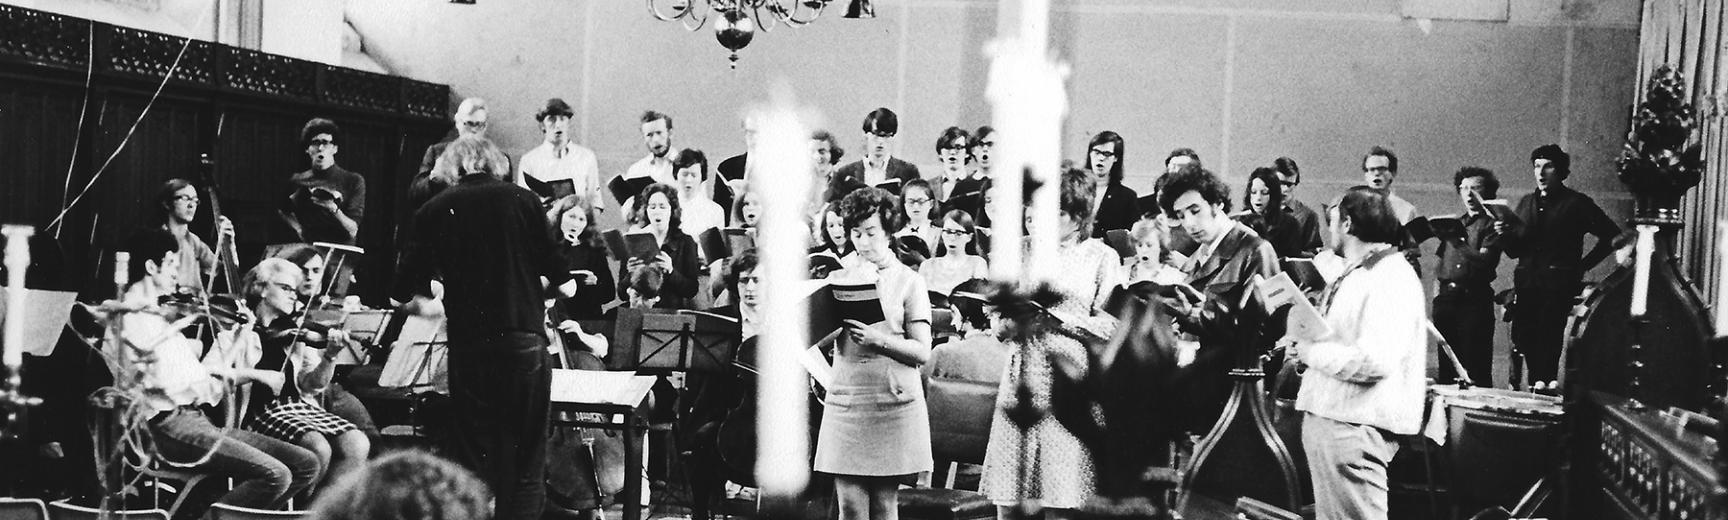 choir orchestra 1800x840